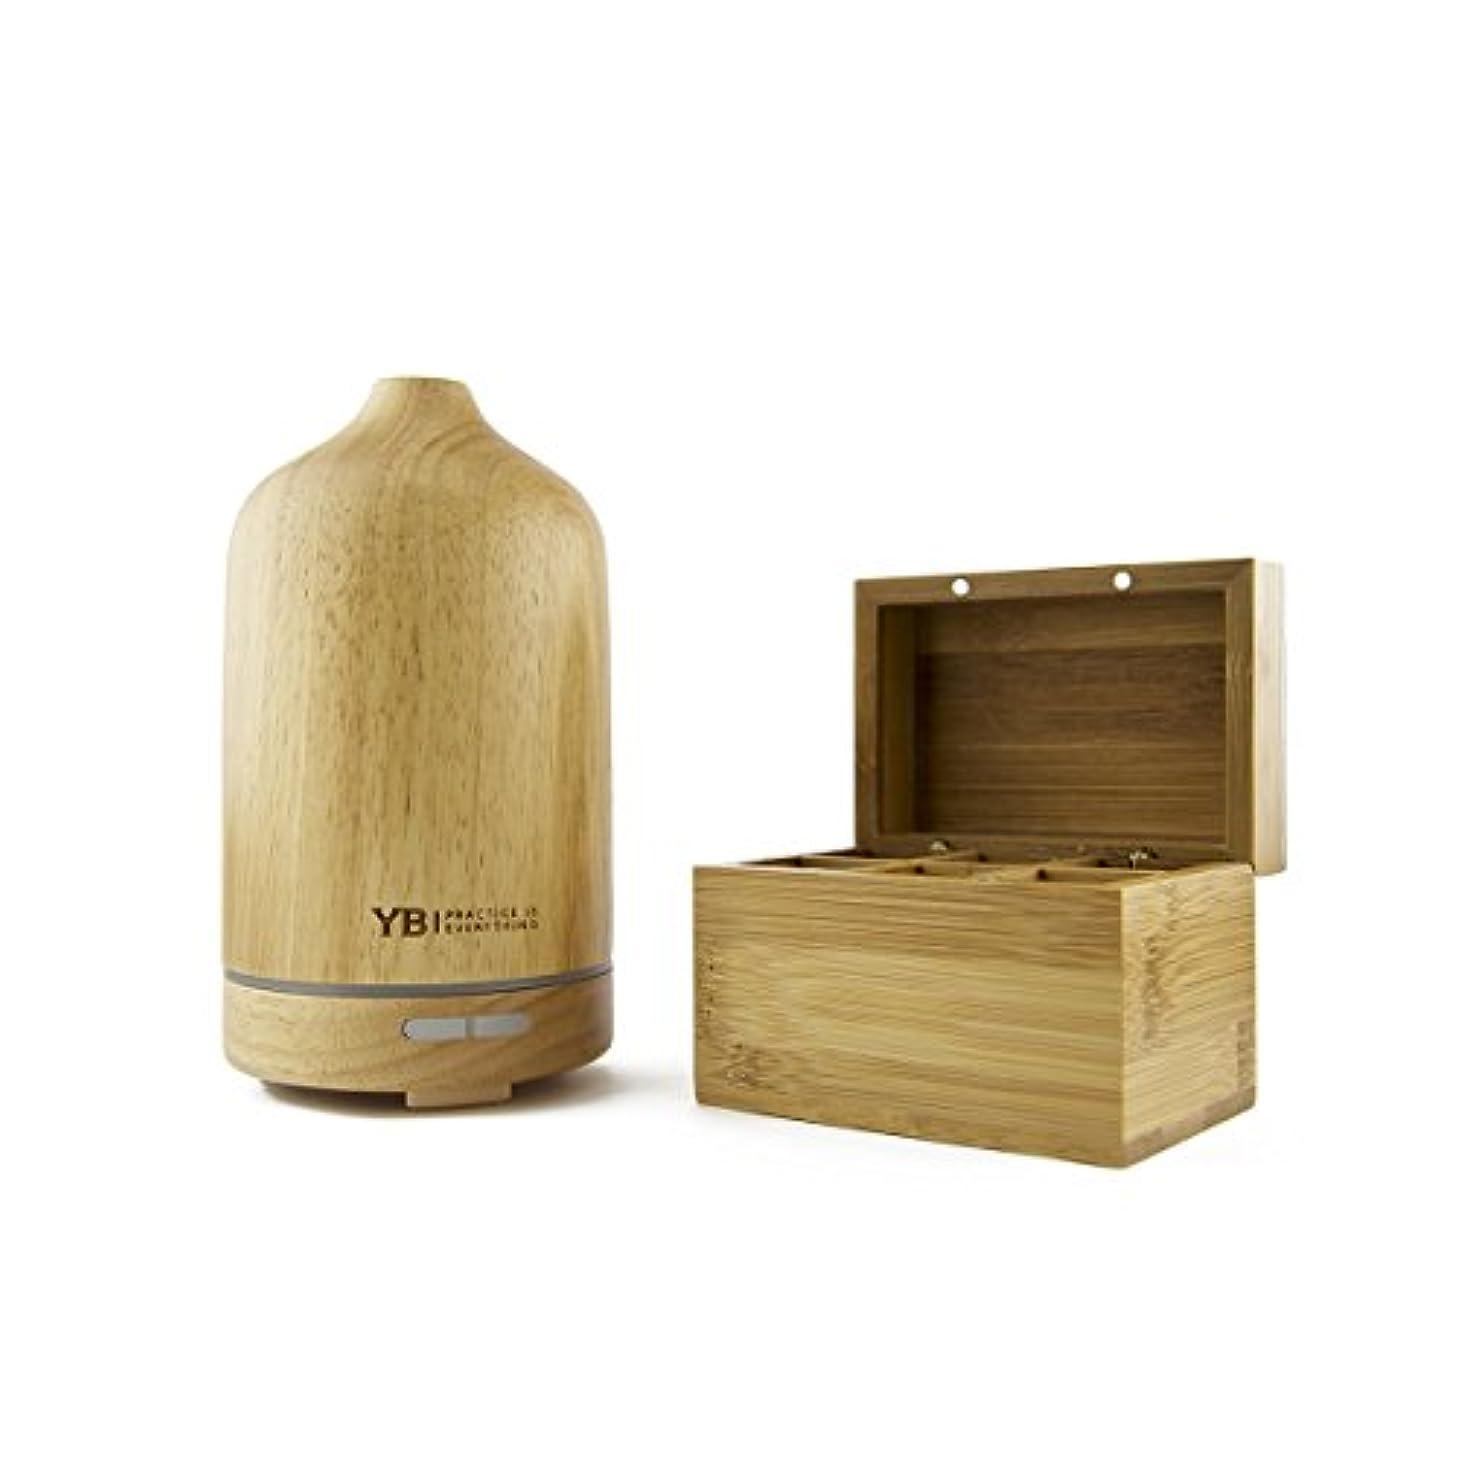 まっすぐリル組み立てるYOGABODYエッセンシャルオイルディフューザー&加湿器[公式]木製 アロマセラピー用 3~6時間 ミスト、自動オフプラスライト。